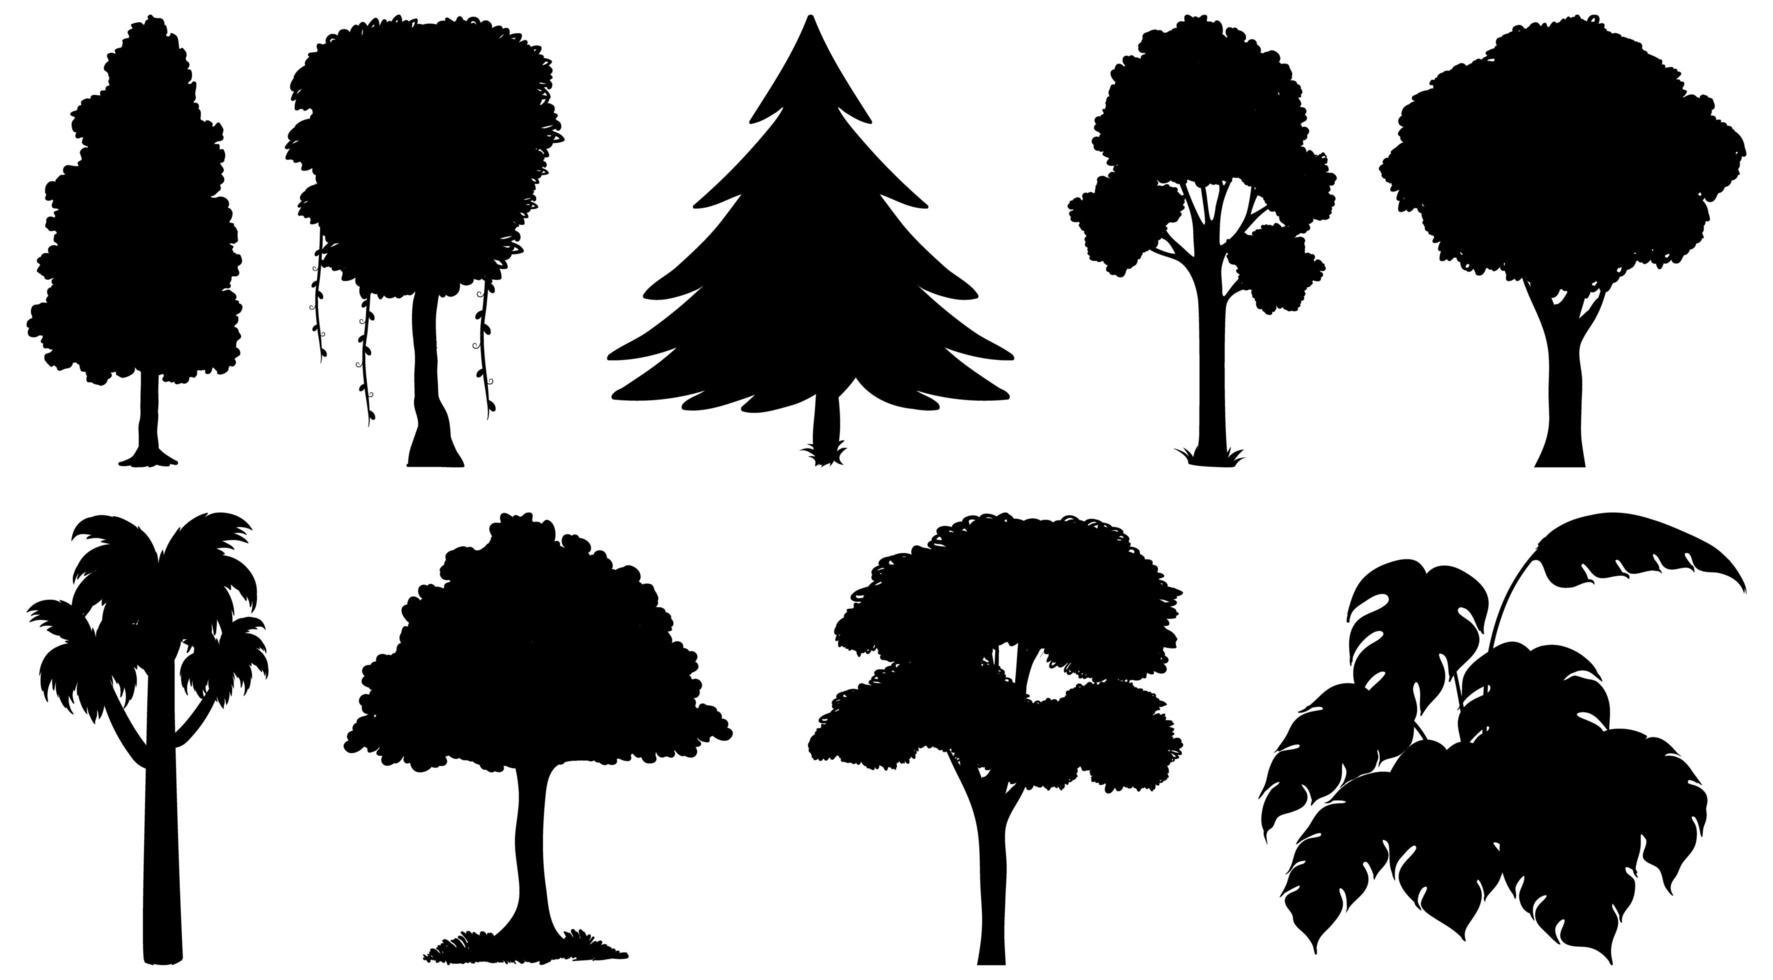 uppsättning av växter och träd silhuetter vektor